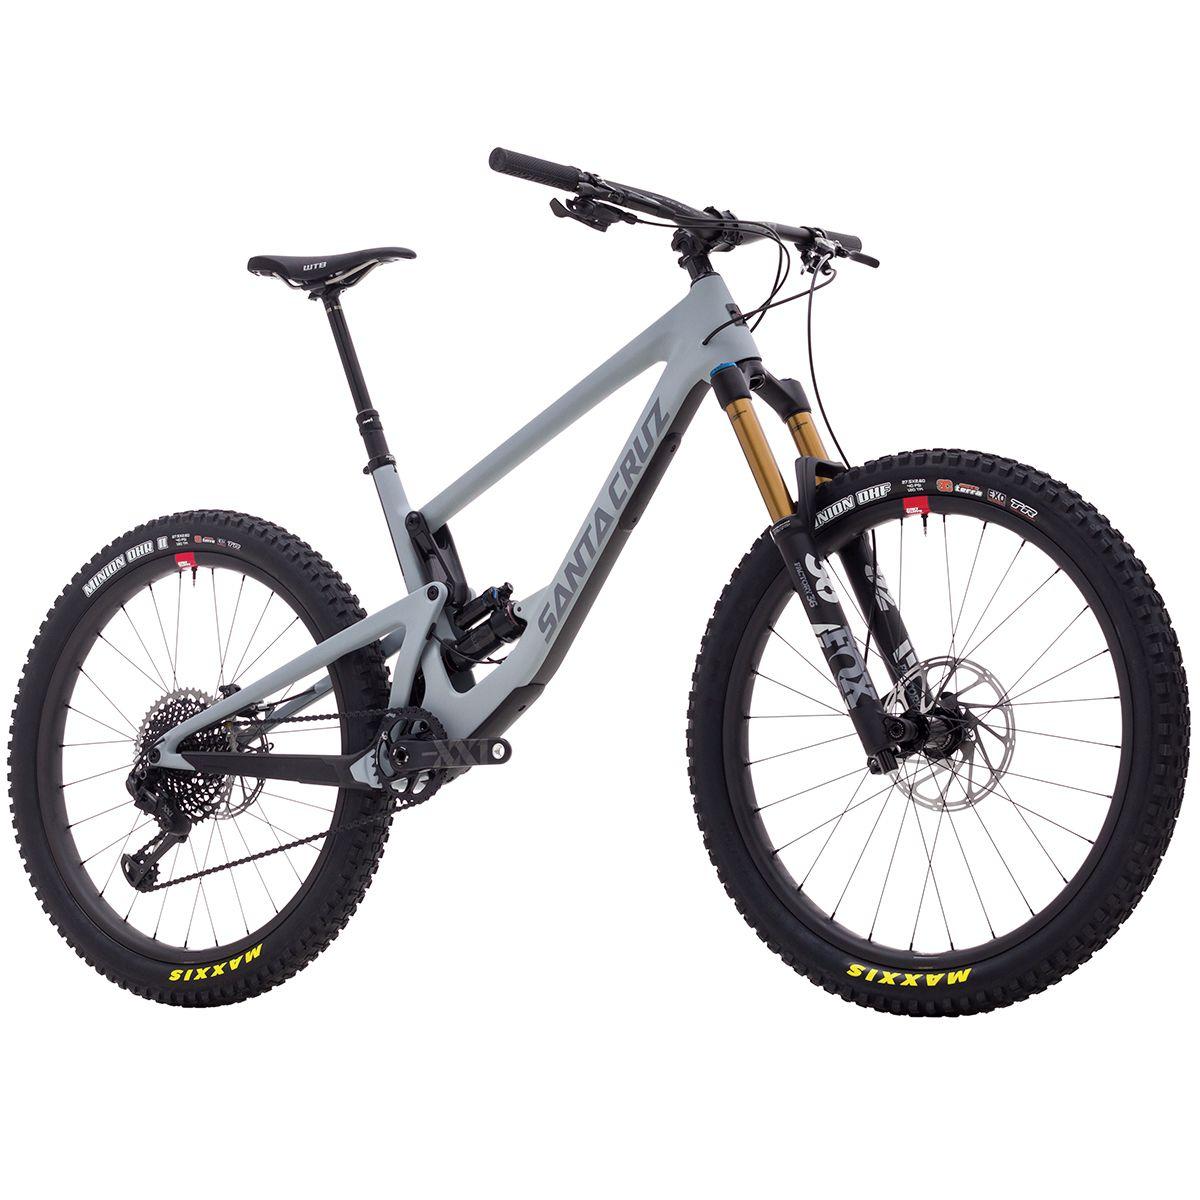 Santa Cruz Bicycles Bronson Carbon CC 27.5 XX1 Eagle Reserve Complete